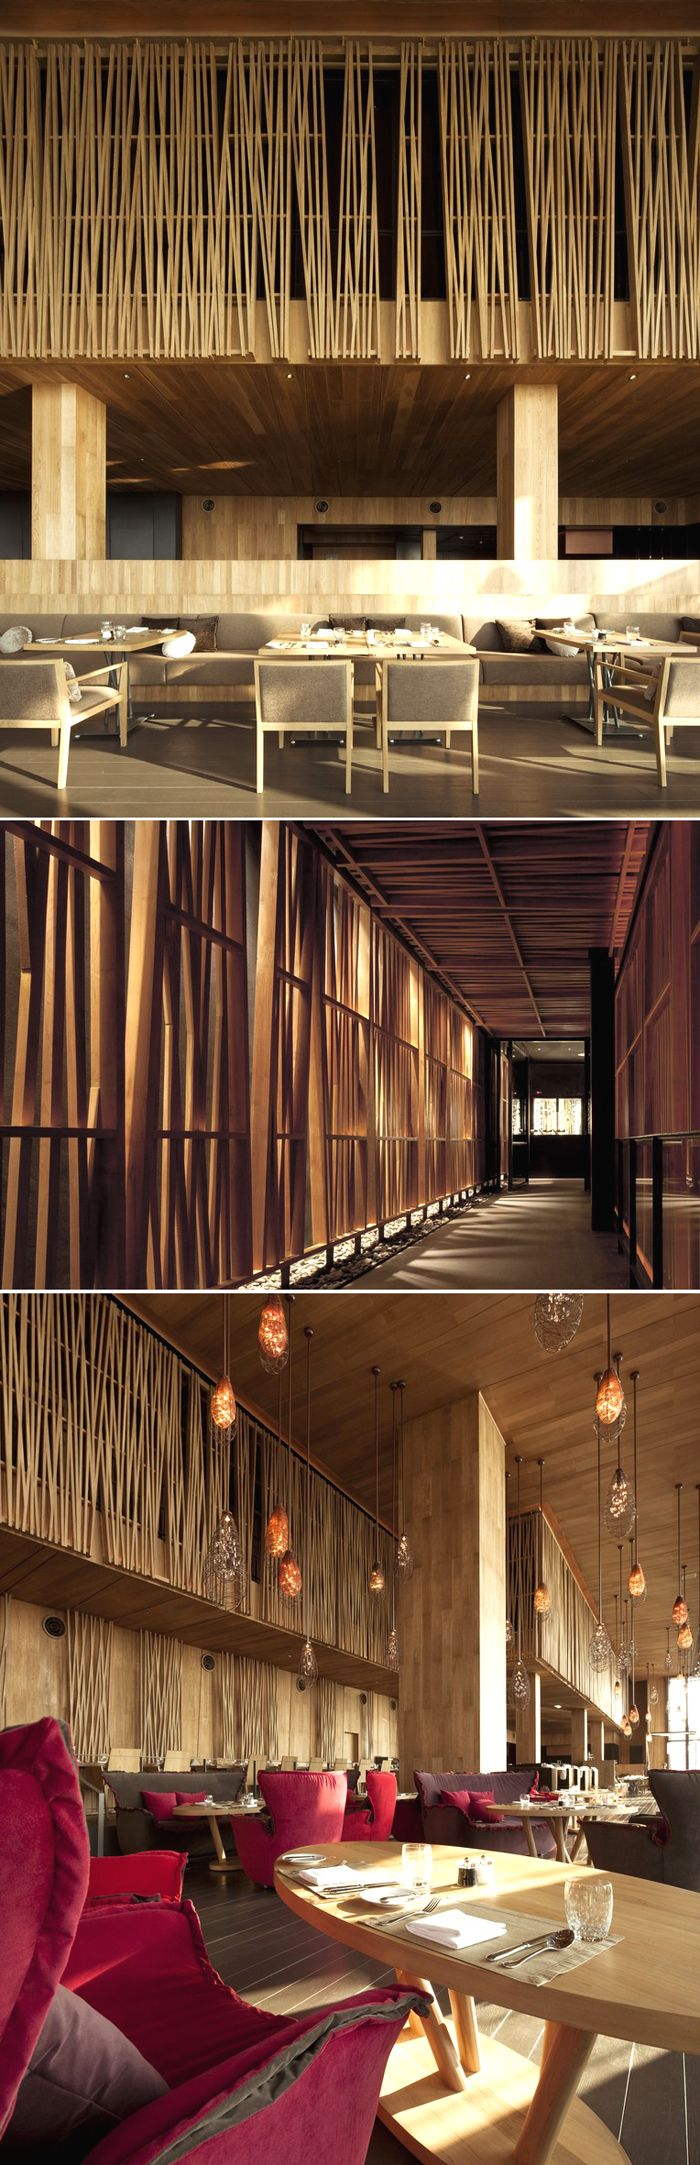 ★ 힐링까페에 일부 4층 칸막이를 저렇게 Edge_Hilton Pattaya_Department of Architecture....